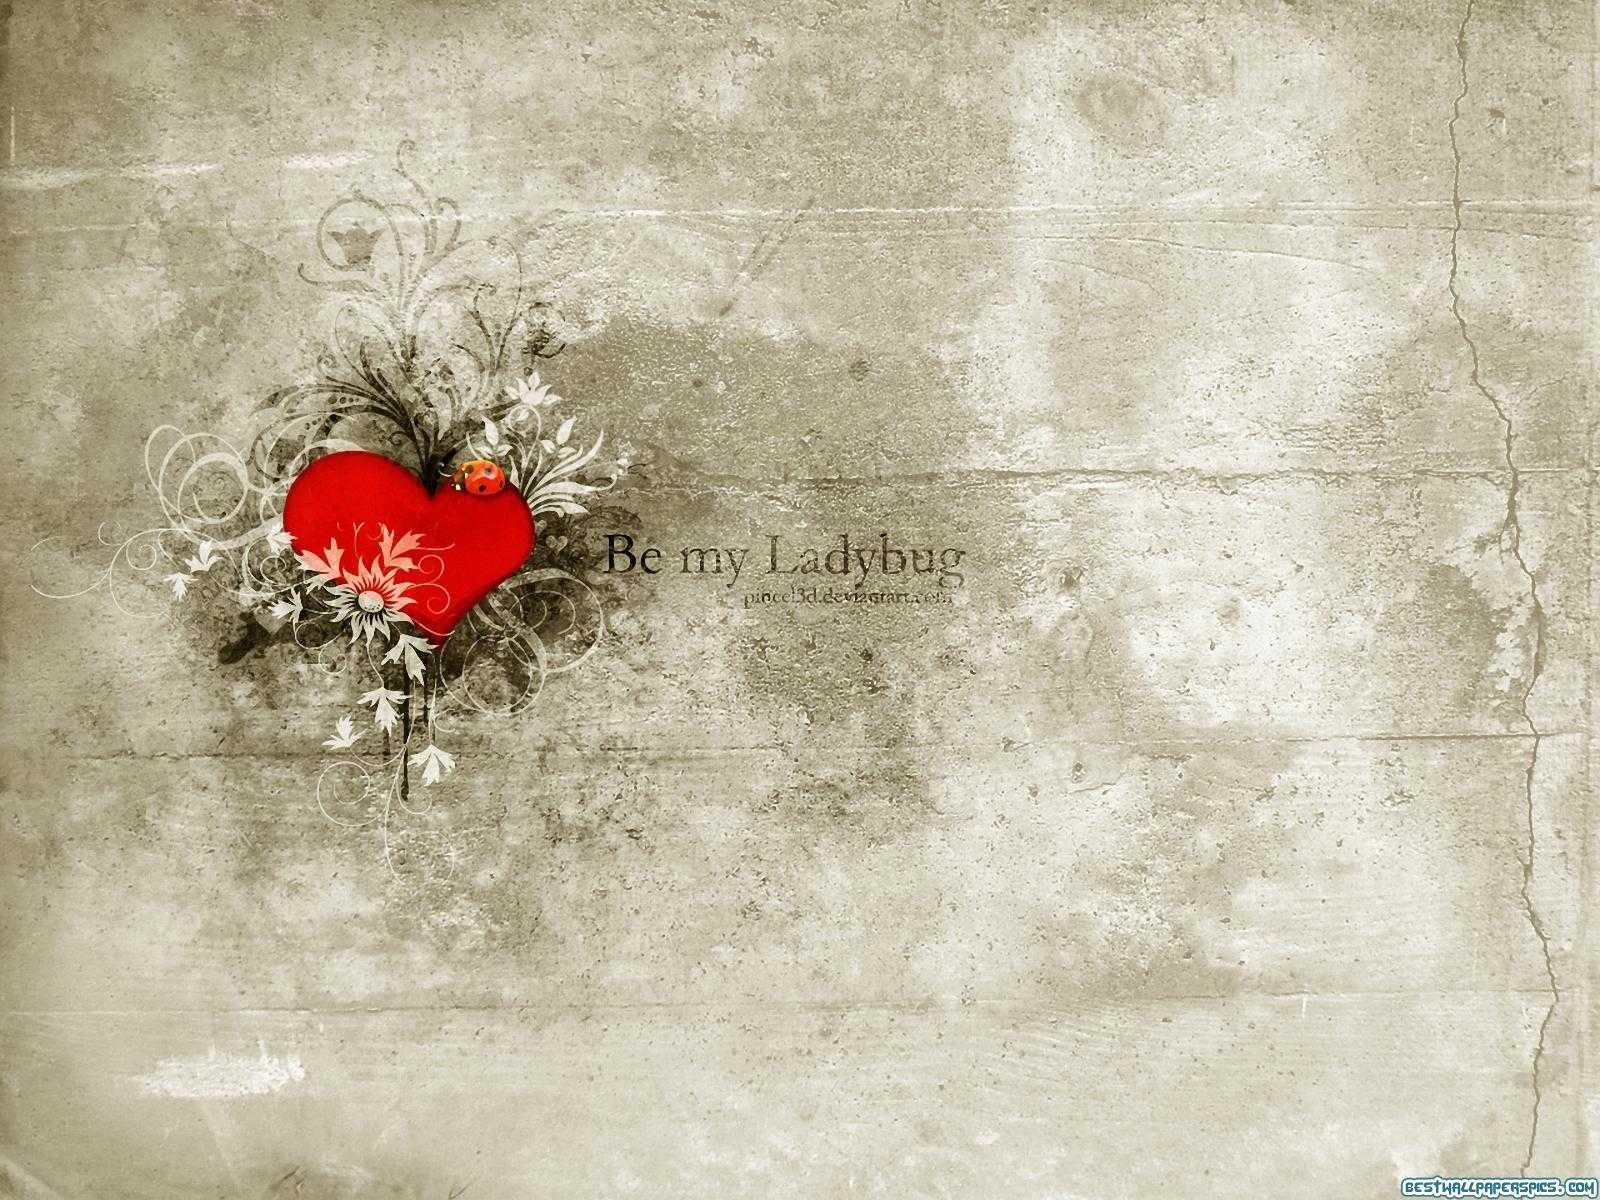 http://3.bp.blogspot.com/-Z5FpFmaJzUk/TfBs12orrPI/AAAAAAAAAPM/DbAMZCTZZps/s1600/cool-wallpaper-+%2528187%2529.jpg